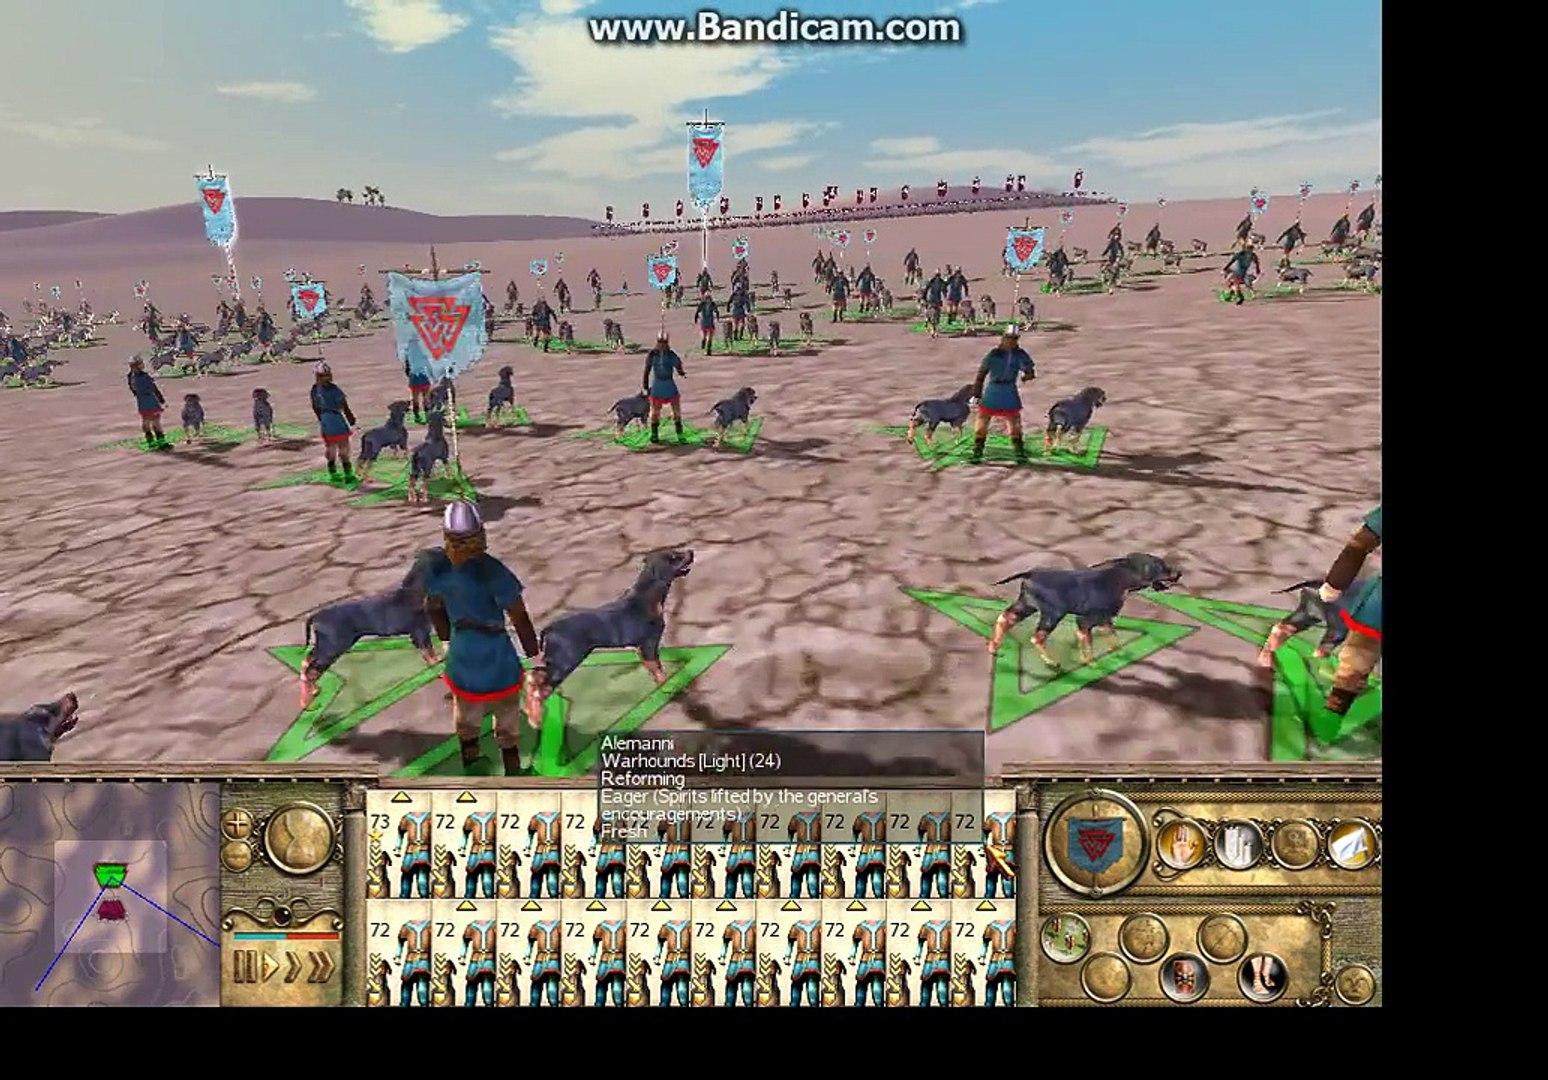 Rome Total War Barbarian Invasion-Massive Battle 14000 War dogs vs 14000 War dogs